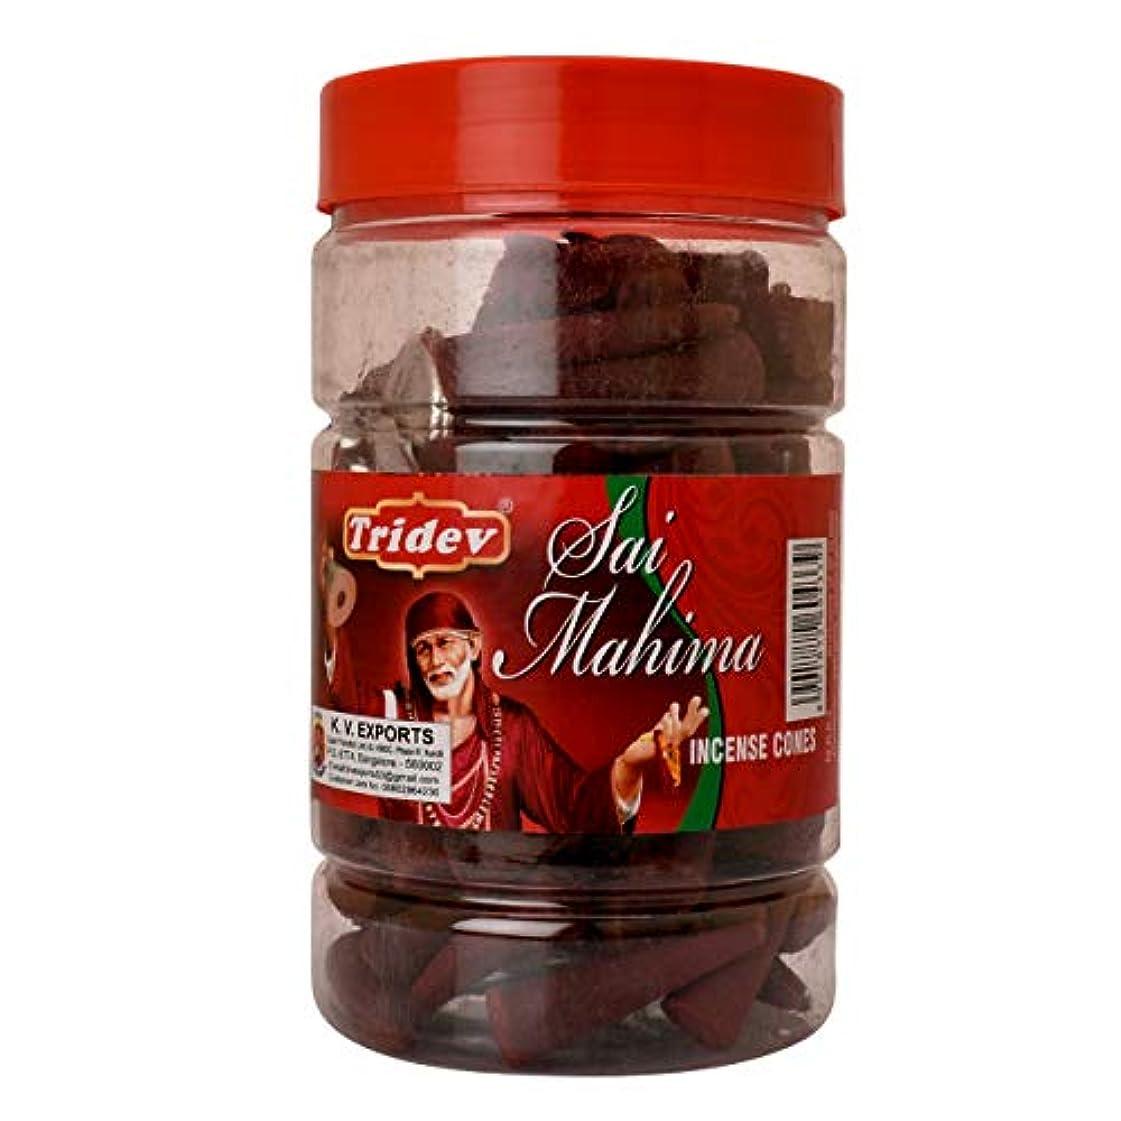 シェルタービクター懐Tridev Sai Mahima フレグランス コーン型お香瓶 1350グラム ボックス入り | 6瓶 225グラム 箱入り | 輸出品質